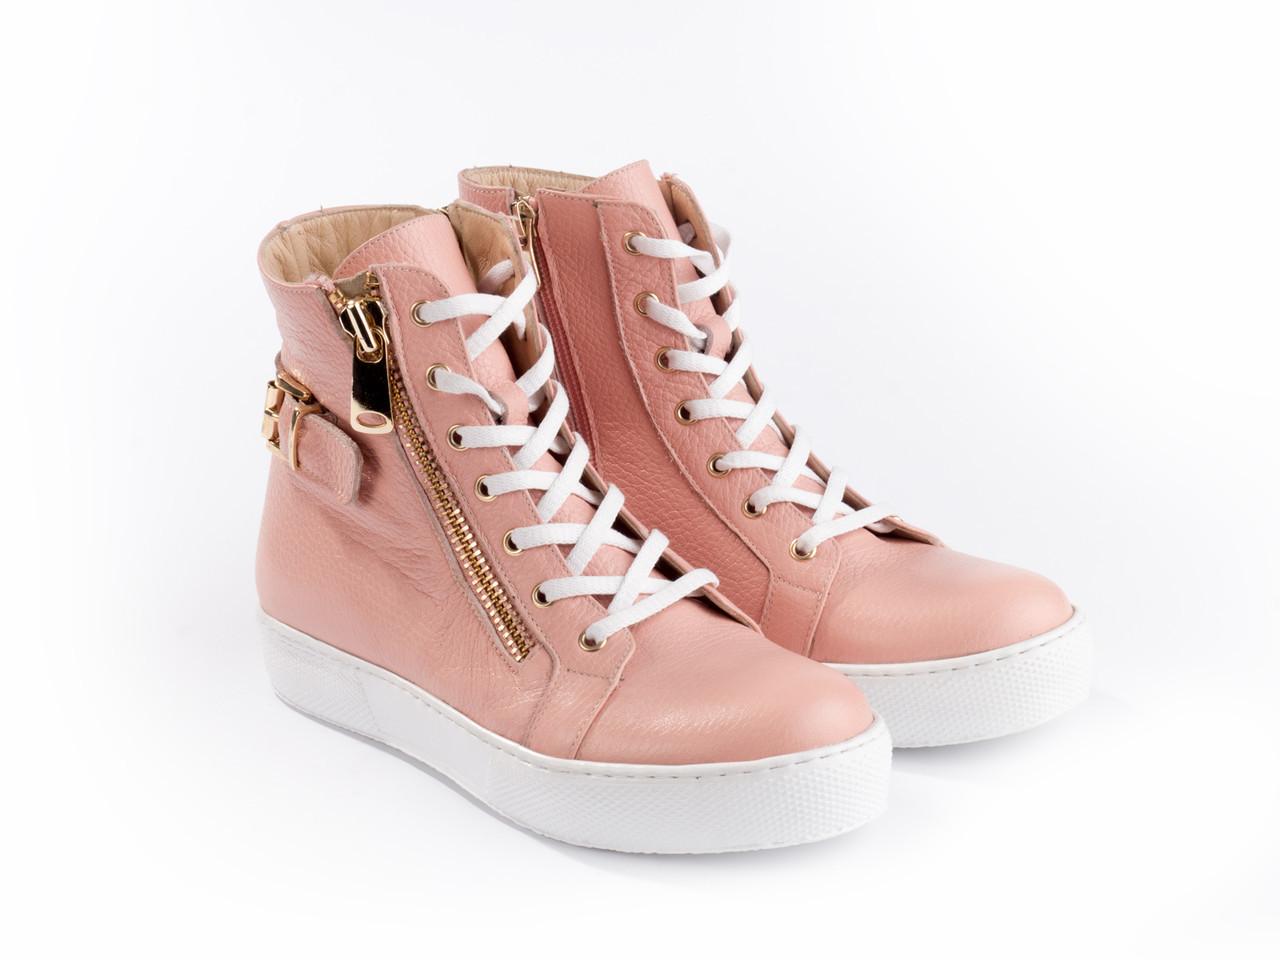 Ботинки Etor 4481-32-374-3011 37 розовые